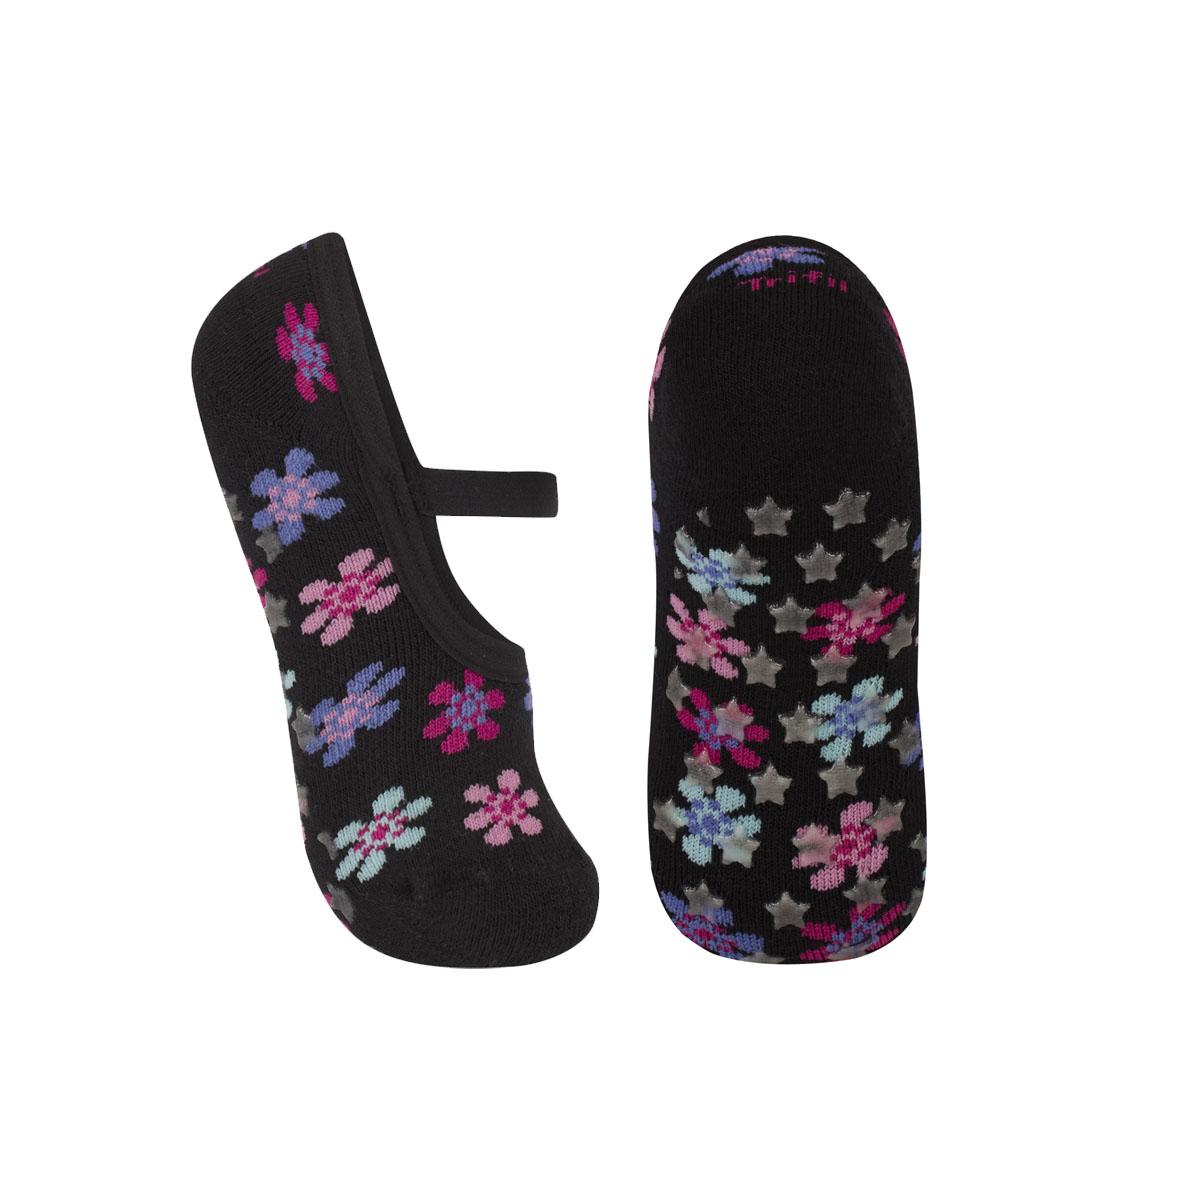 Meia sapatilha antiderrapante infantil para menina Trifil